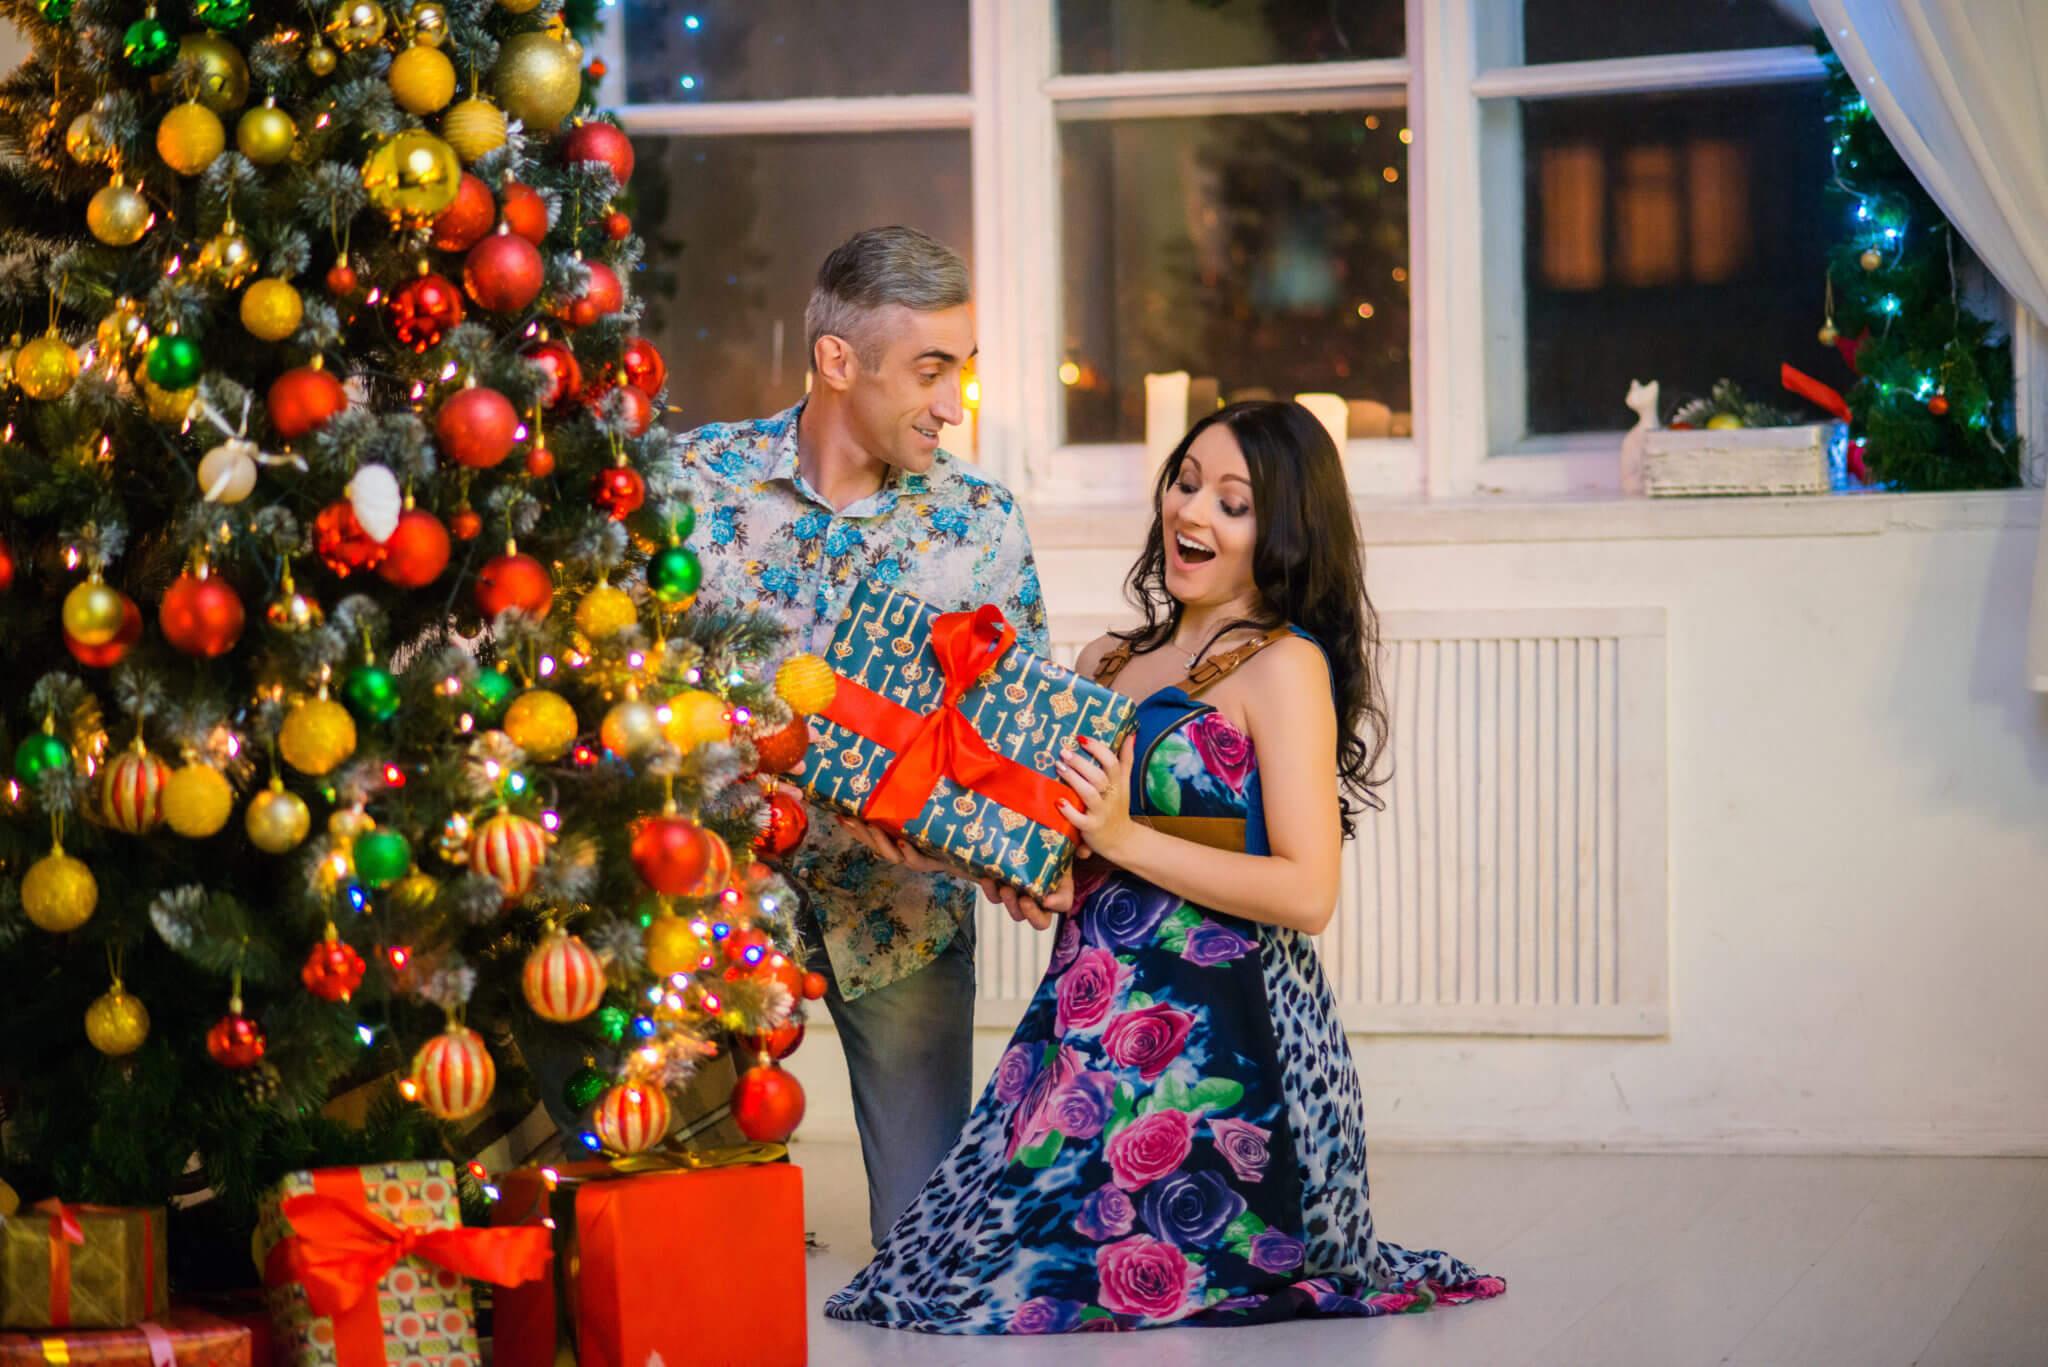 Новогодняя фотосессия, семейная пара на фоне окна и новогодней елки